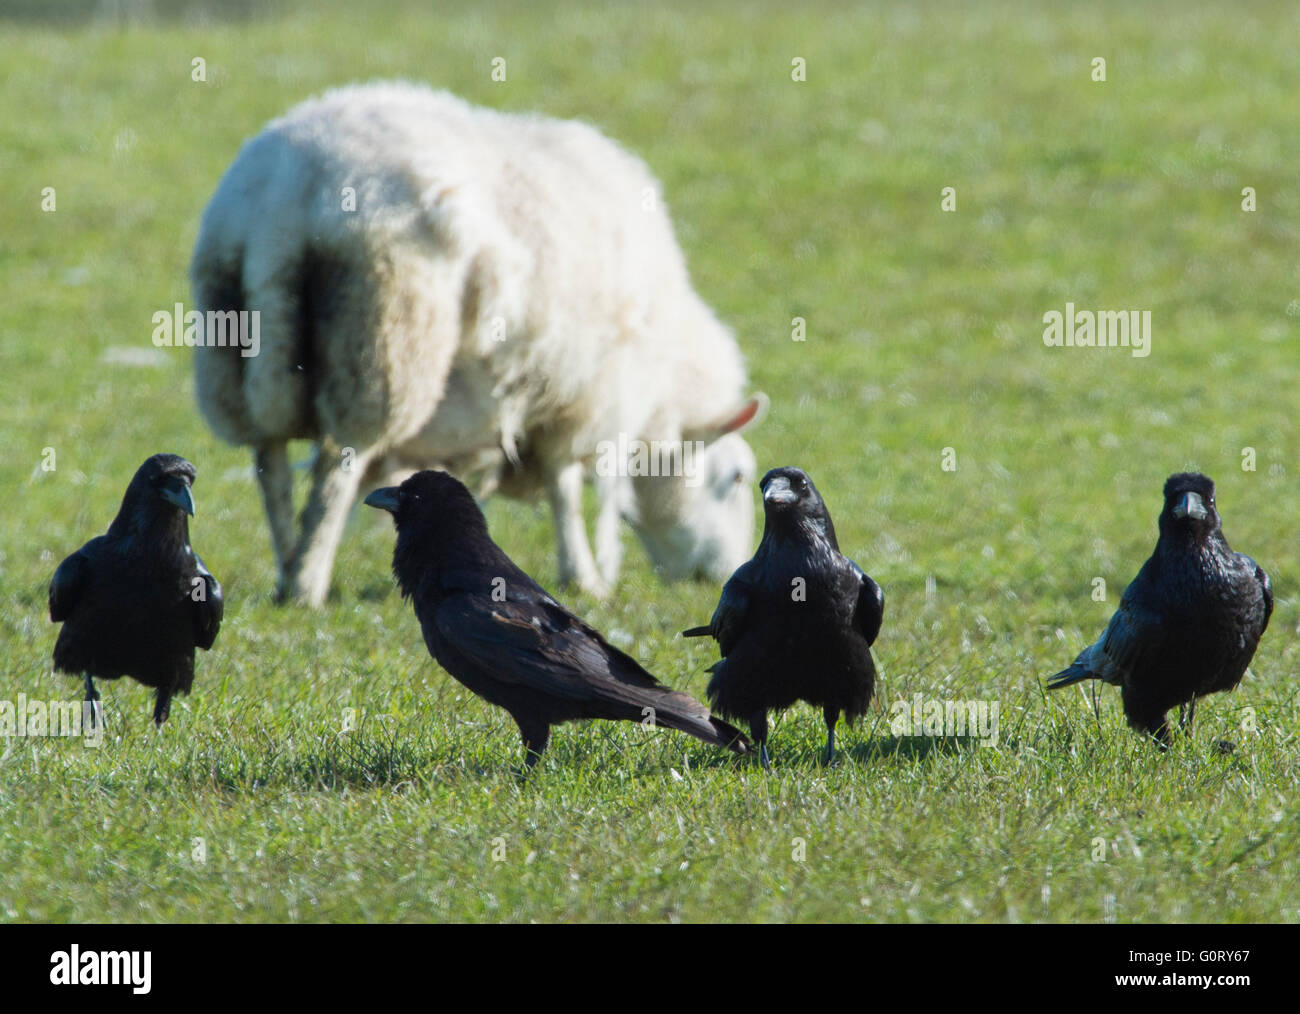 28.04.2016, Raben, Rabenvögel; in einem Lämmer Feld im Bereich Caithness, Schottland, Vereinigtes Königreich. Stockbild